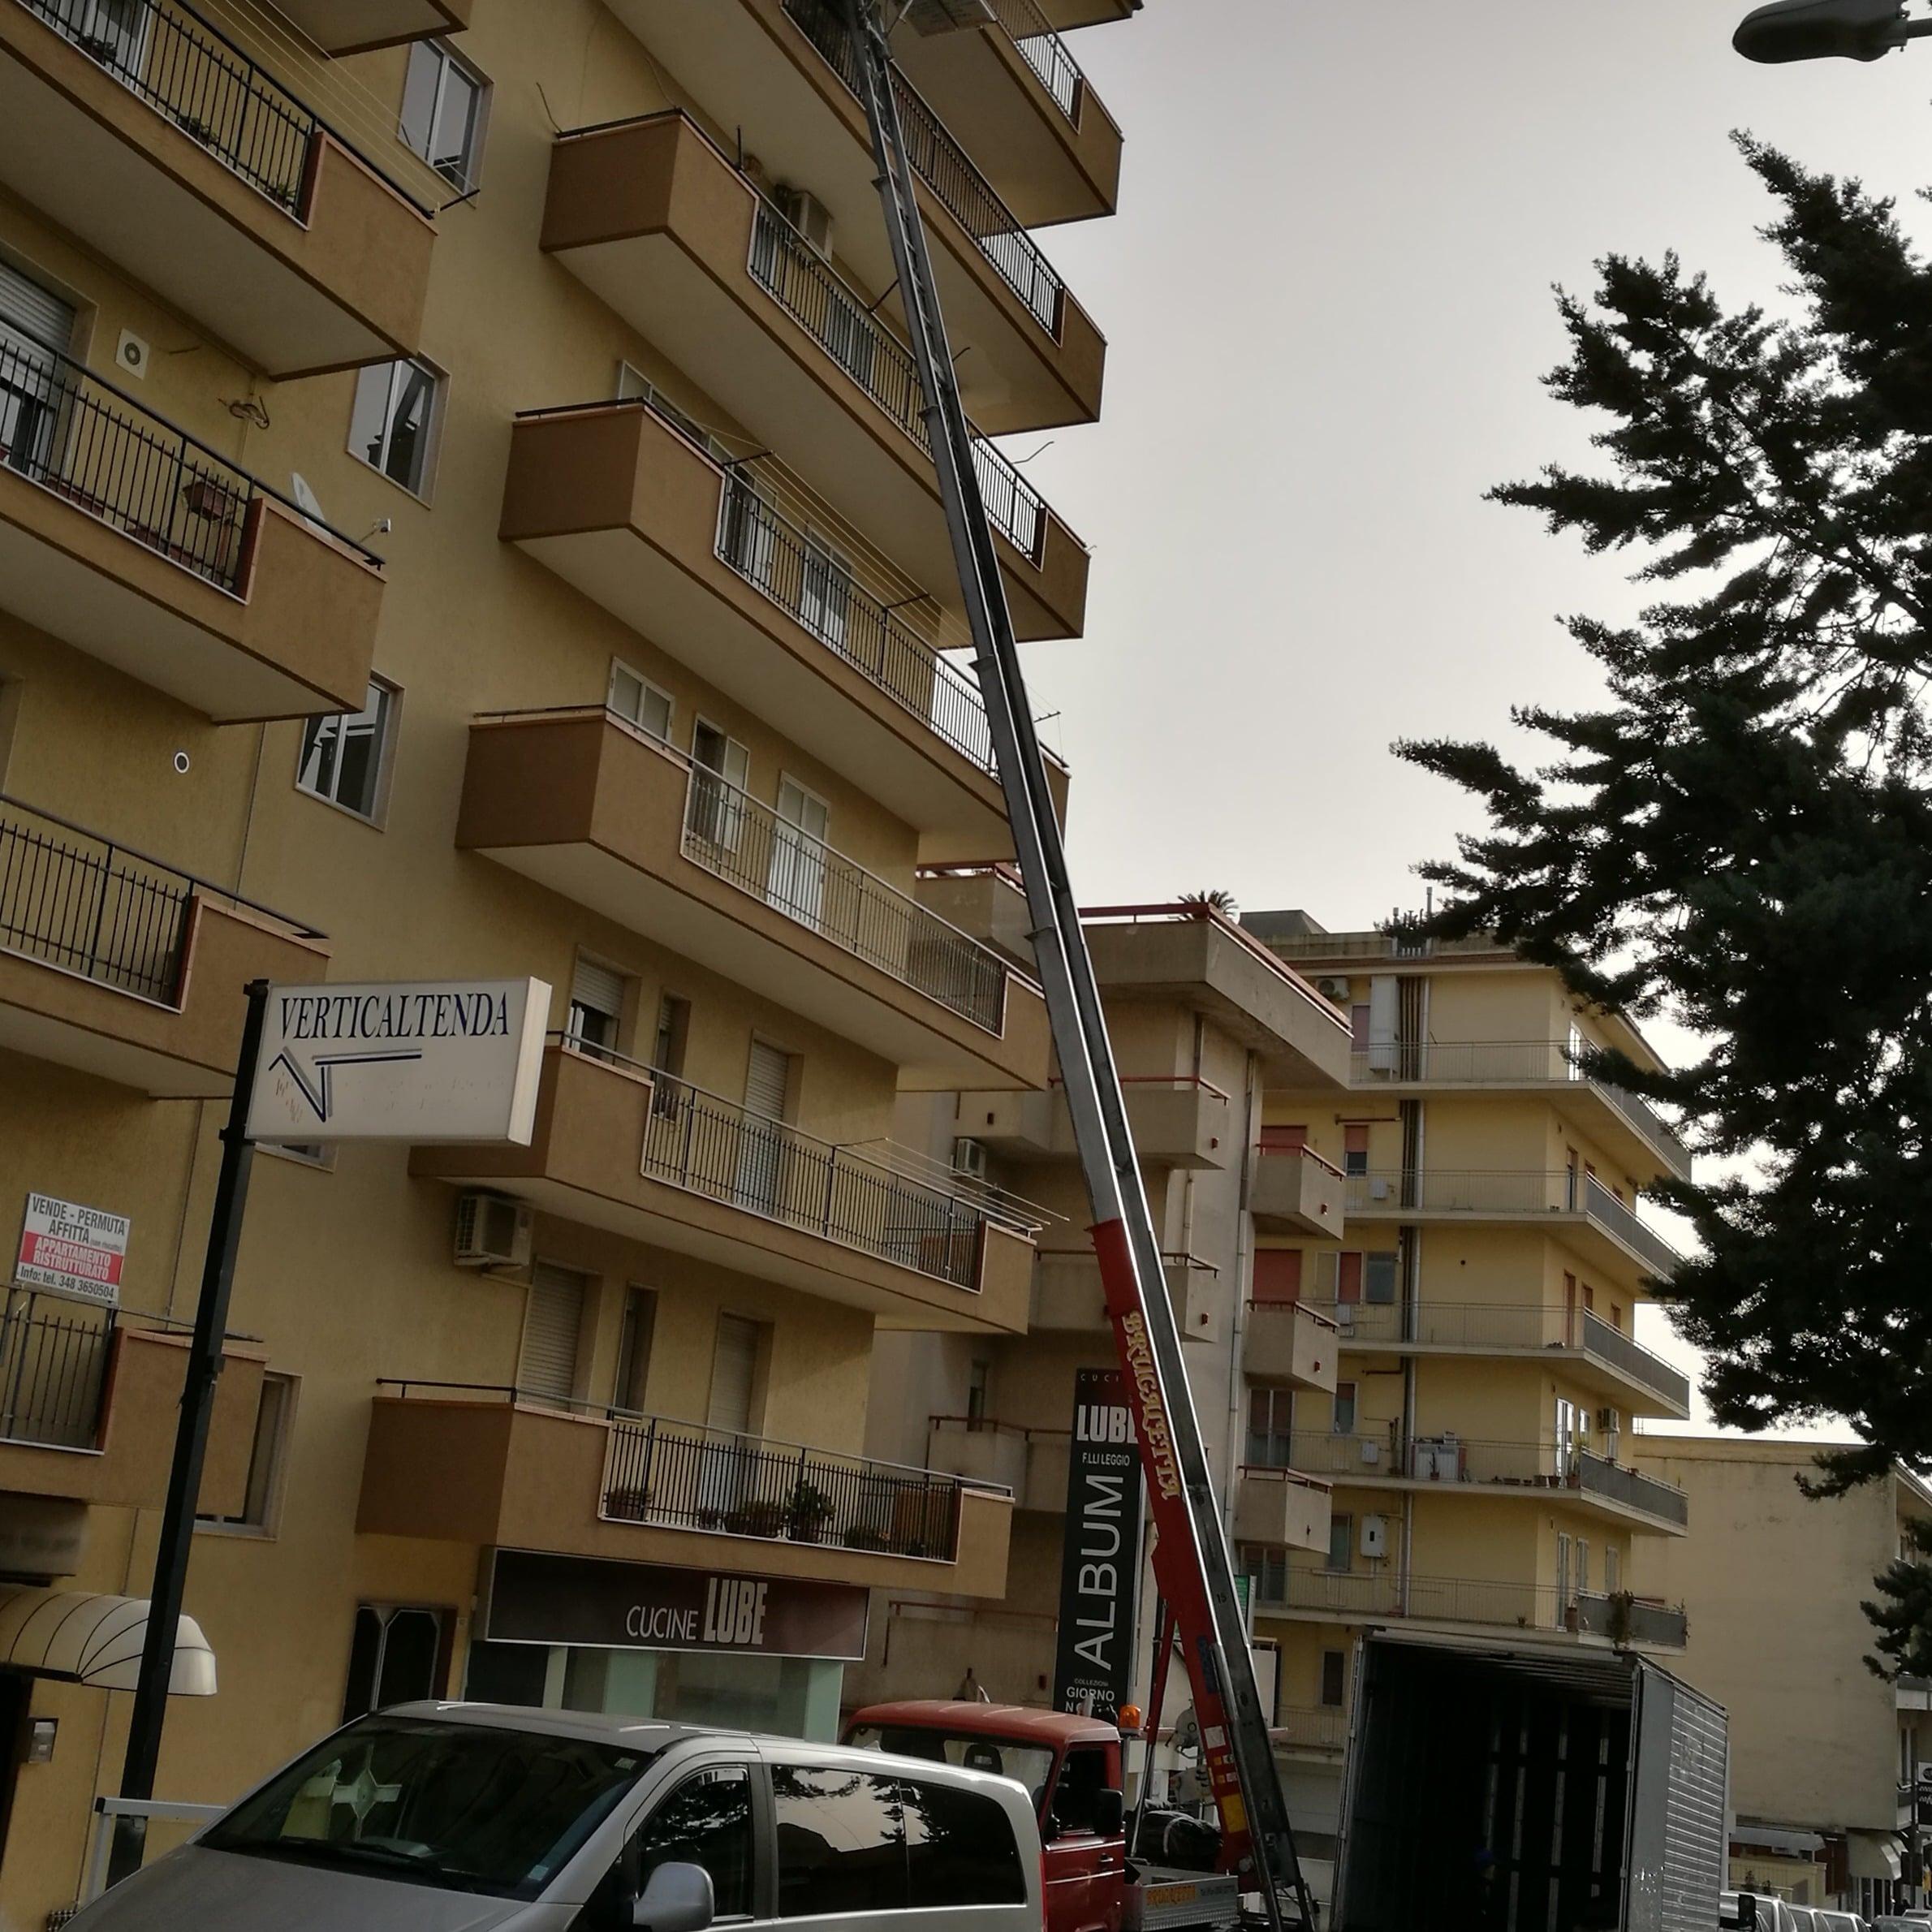 Svuota Appartamenti Gratis Firenze le migliori 20 imprese di sgombero a ragusa (con preventivi